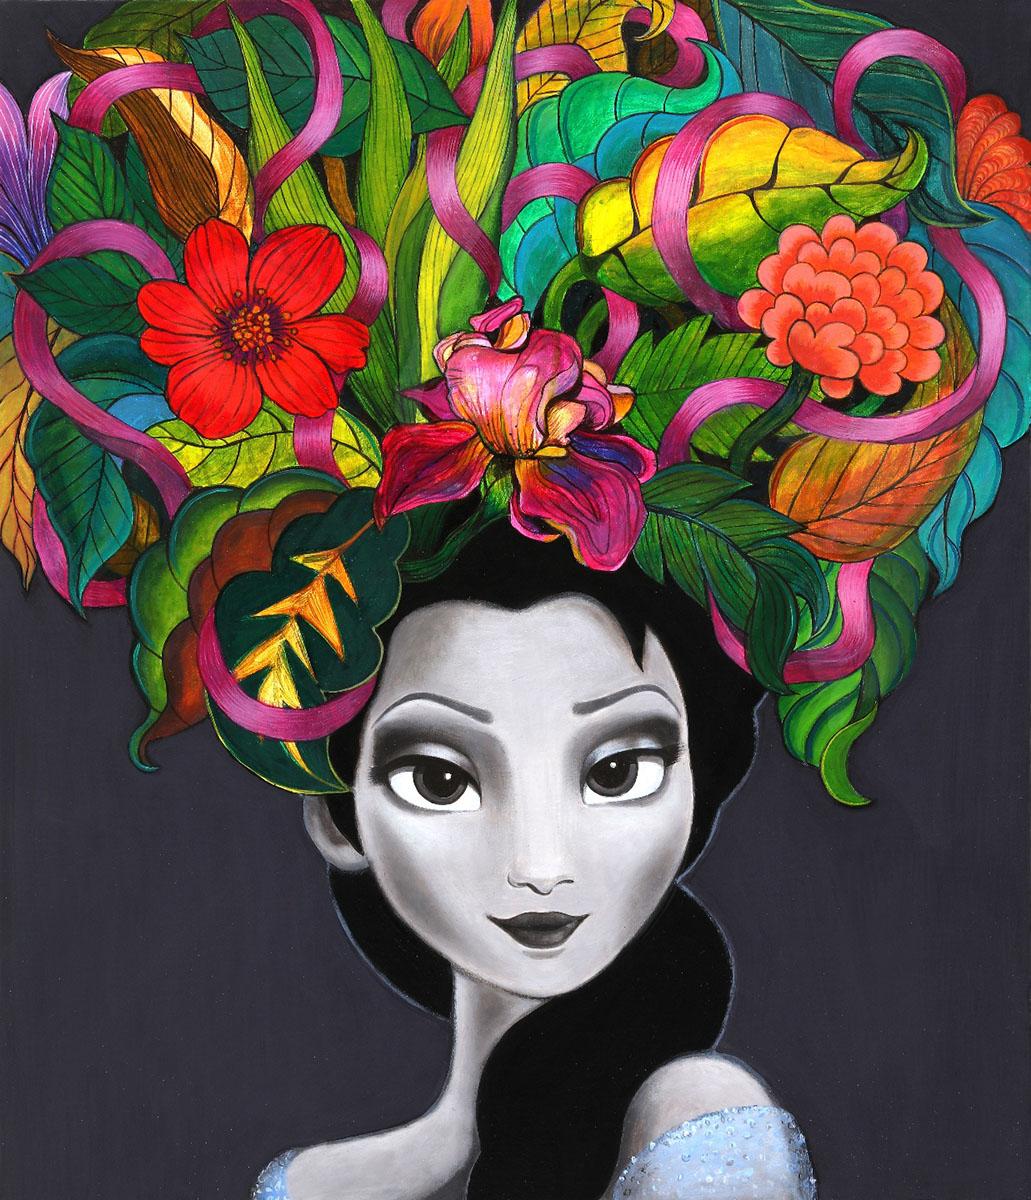 페미니즘바라보기10︱53.0x45.5cm, Acrylic On Canvas︱2019